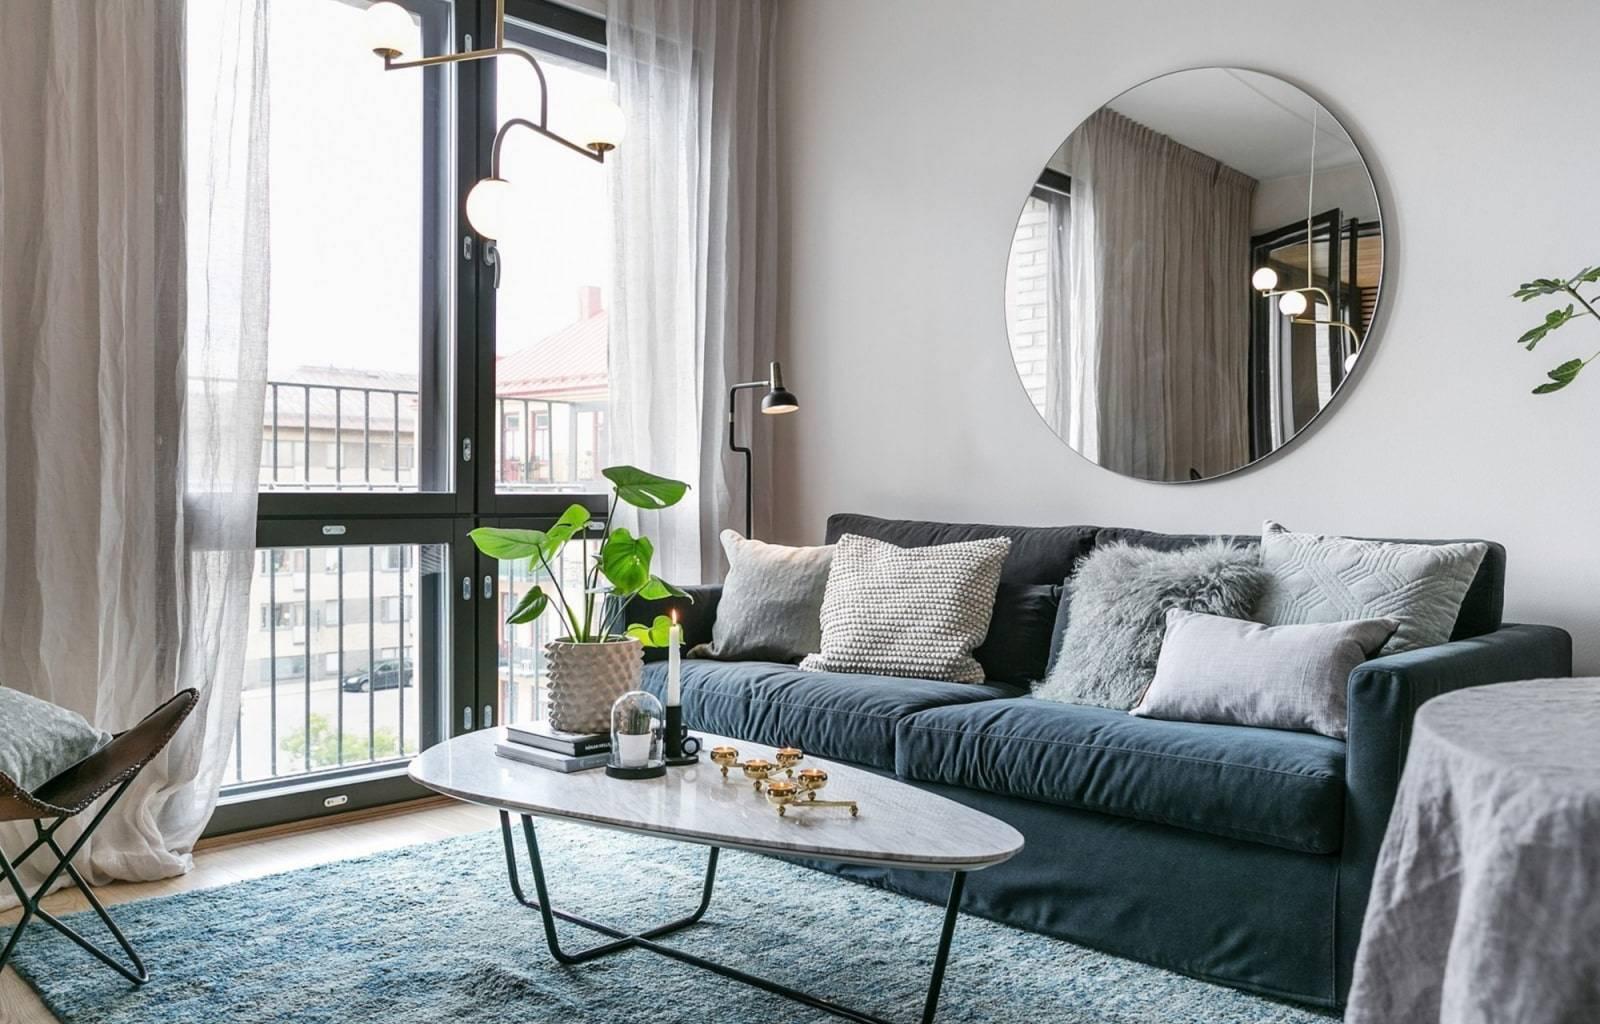 Декор гостиной — идеи оформления и видео советы как украсить стильно и современно гостиную (90 фото)